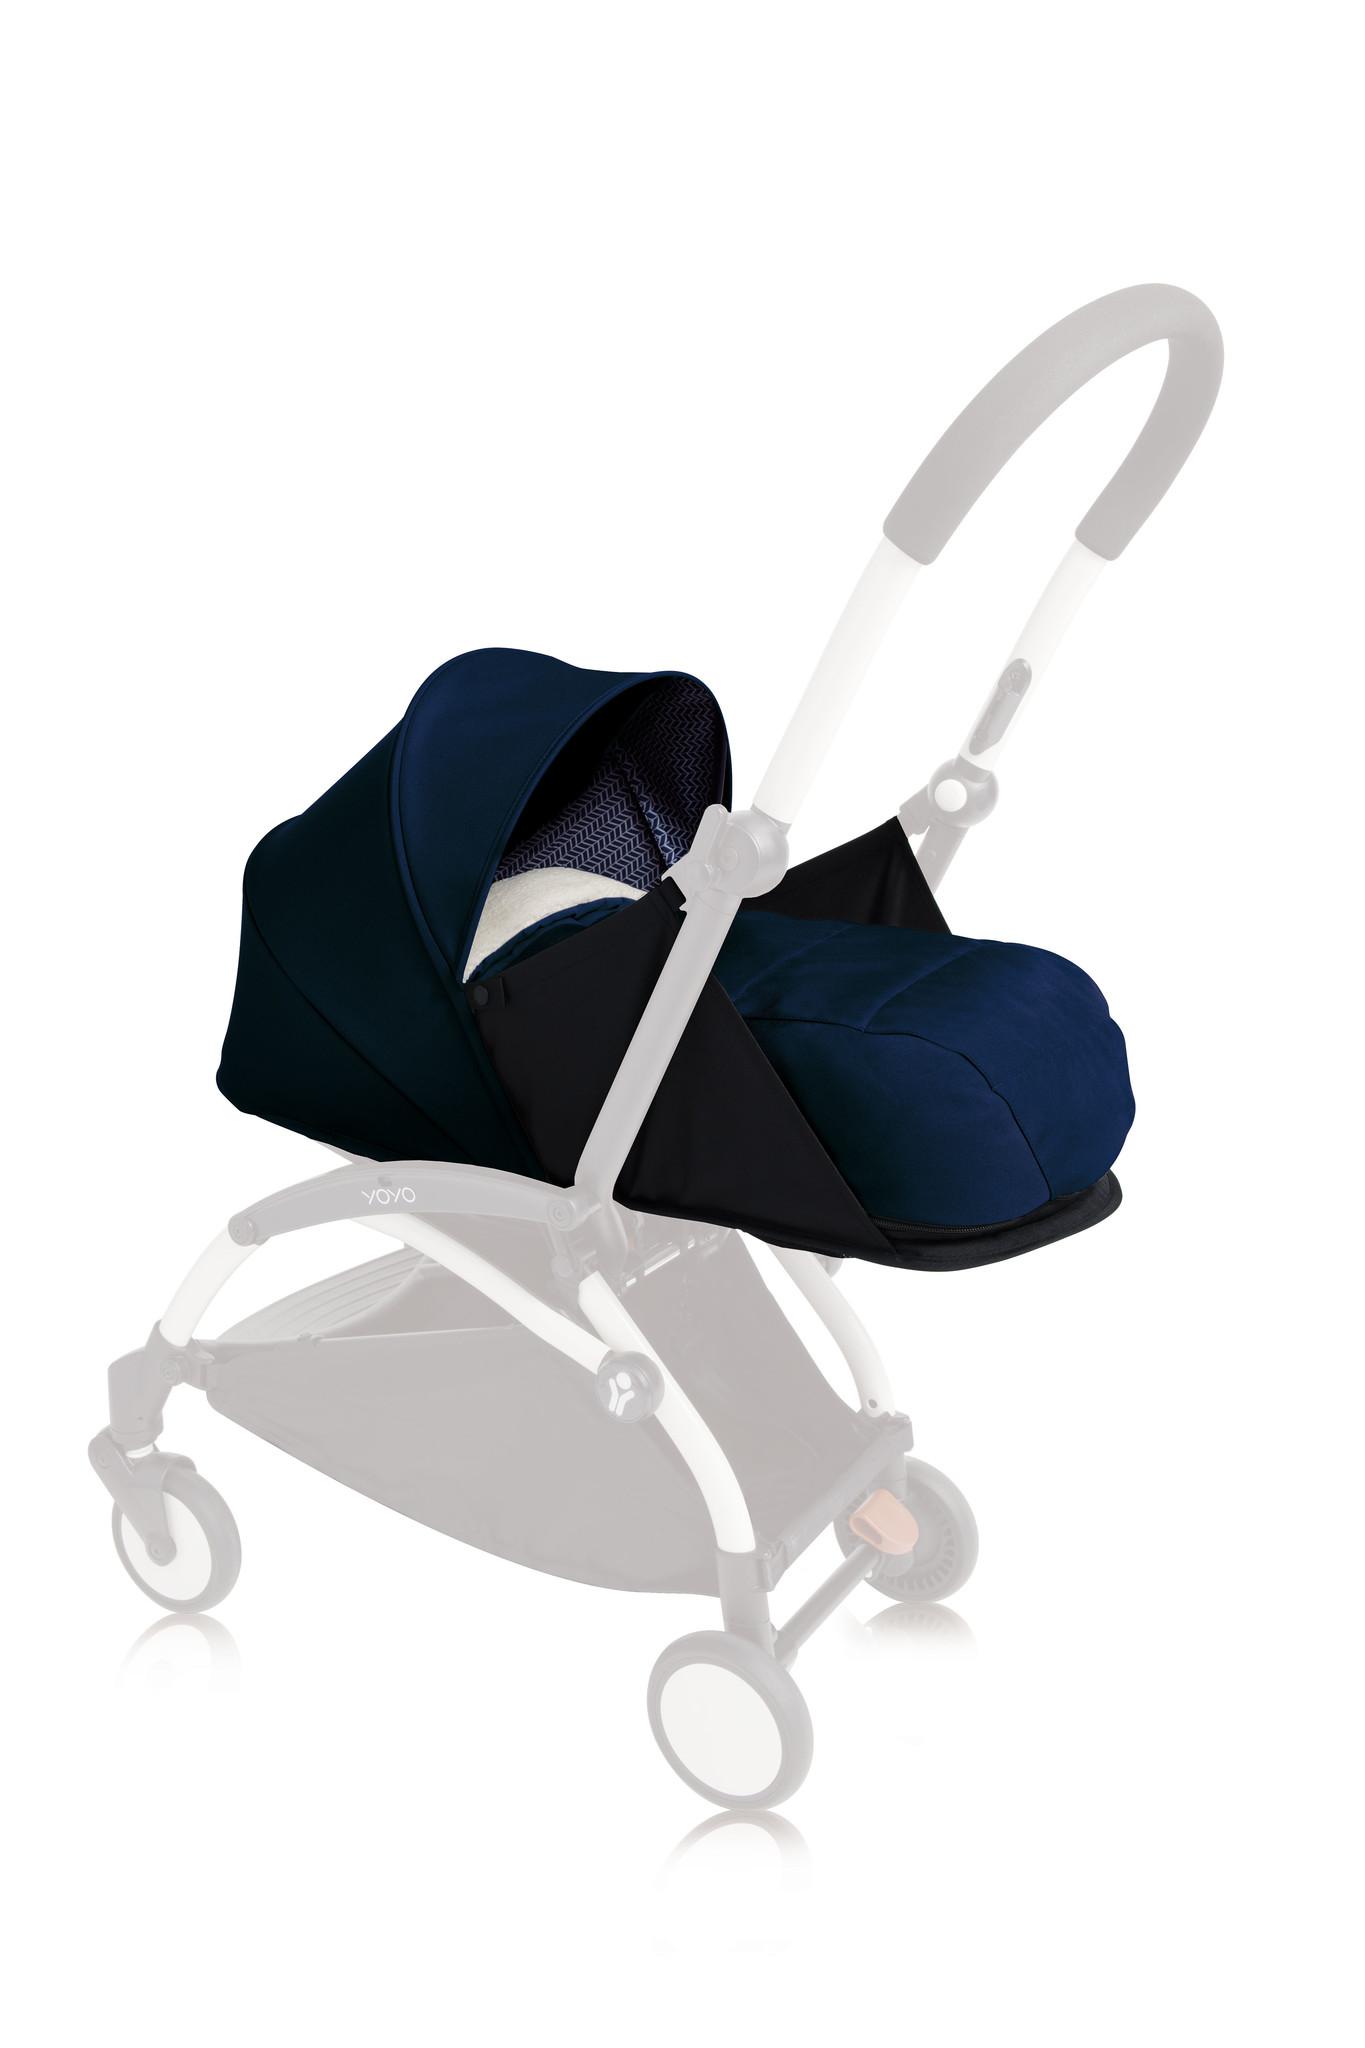 Babyzen Yoyo 0+ Newborn Pack - Air France Blue 2020